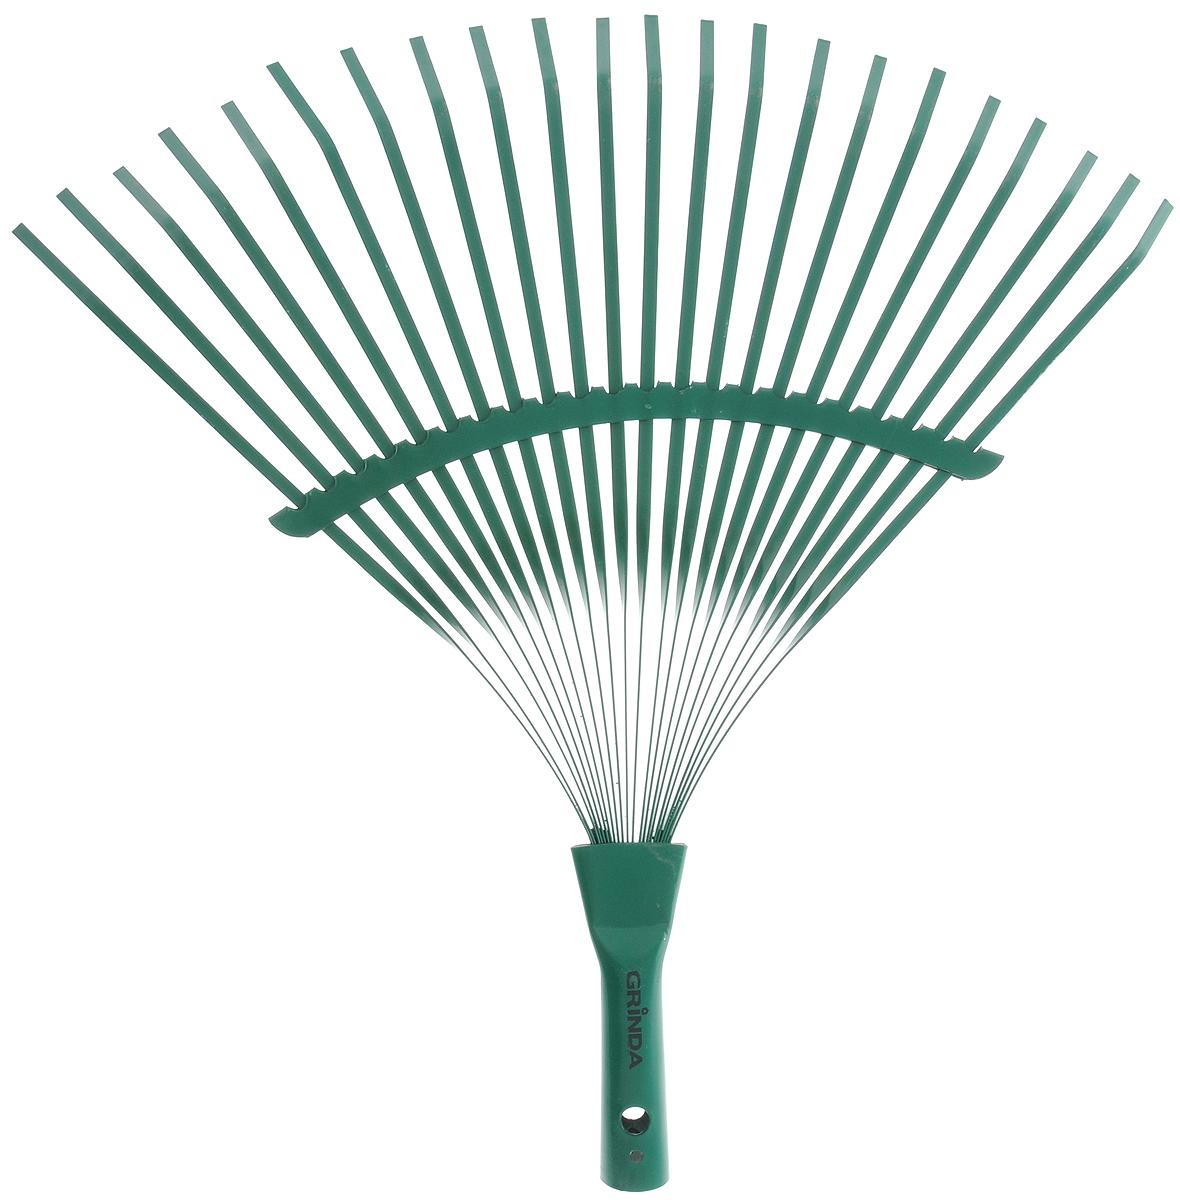 Грабли Grinda, веерные, цвет: зеленый, 22 зуба531-402Веерные грабли Grinda изготовлены из прочной углеродистой стали и идеально подходят для уборки листьев, срезанной травы и прочего садового мусора. Благодаря большому количеству зубцов, расположенных по принципу веера, уборка территории будет сделана в короткие сроки. Черенок в комплект не входит.